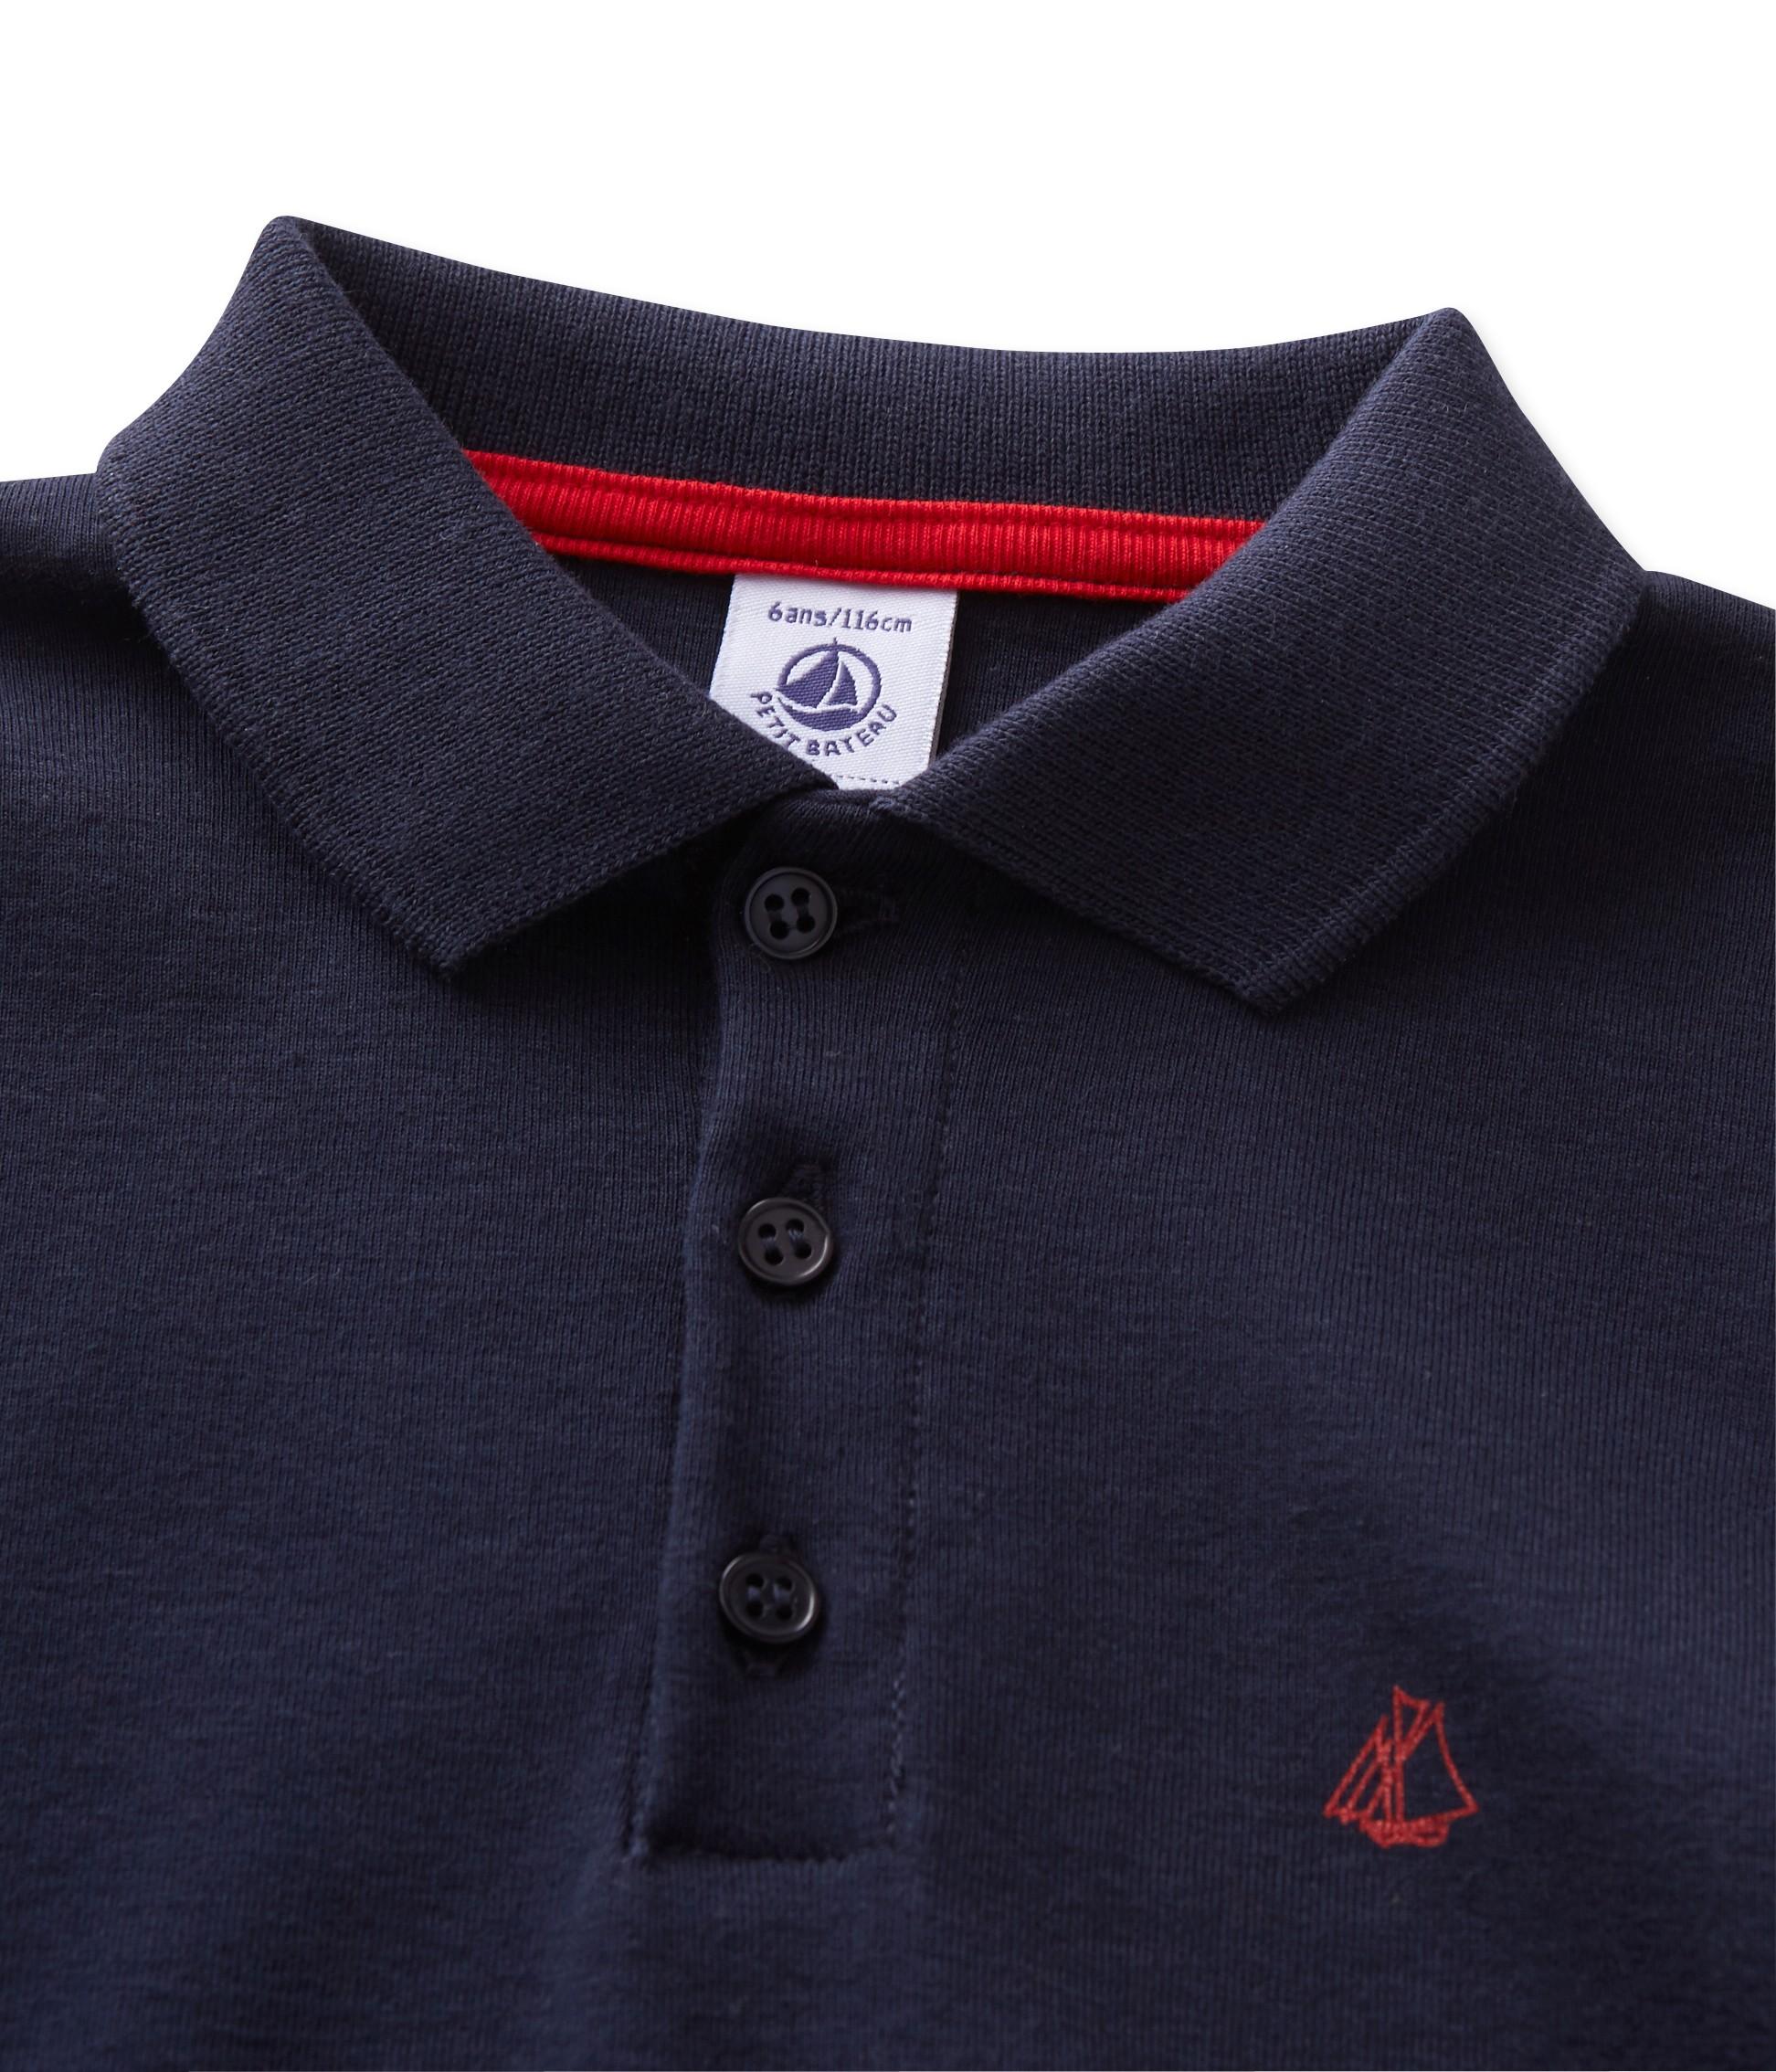 Μπλούζα πόλο μακρυμάνικη για αγόρι - petit-bateau.gr fdf8e92b350